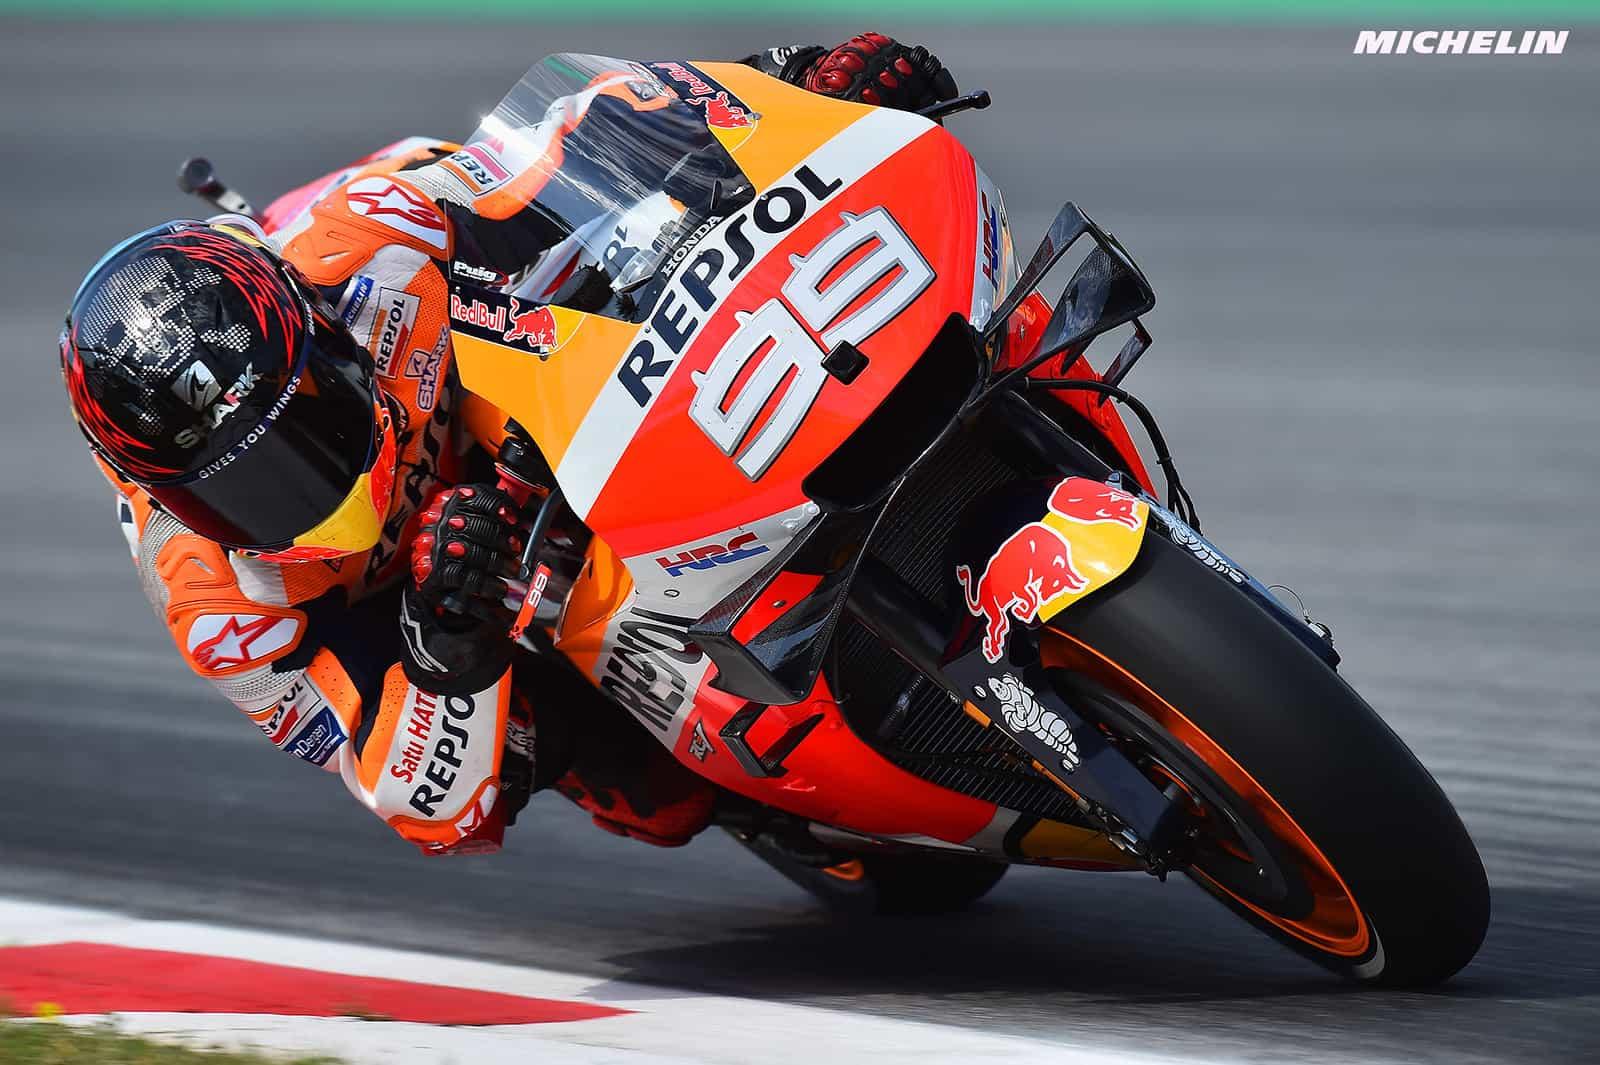 MotoGP2019オランダGP ロレンソ FP1の転倒で胸椎を損傷